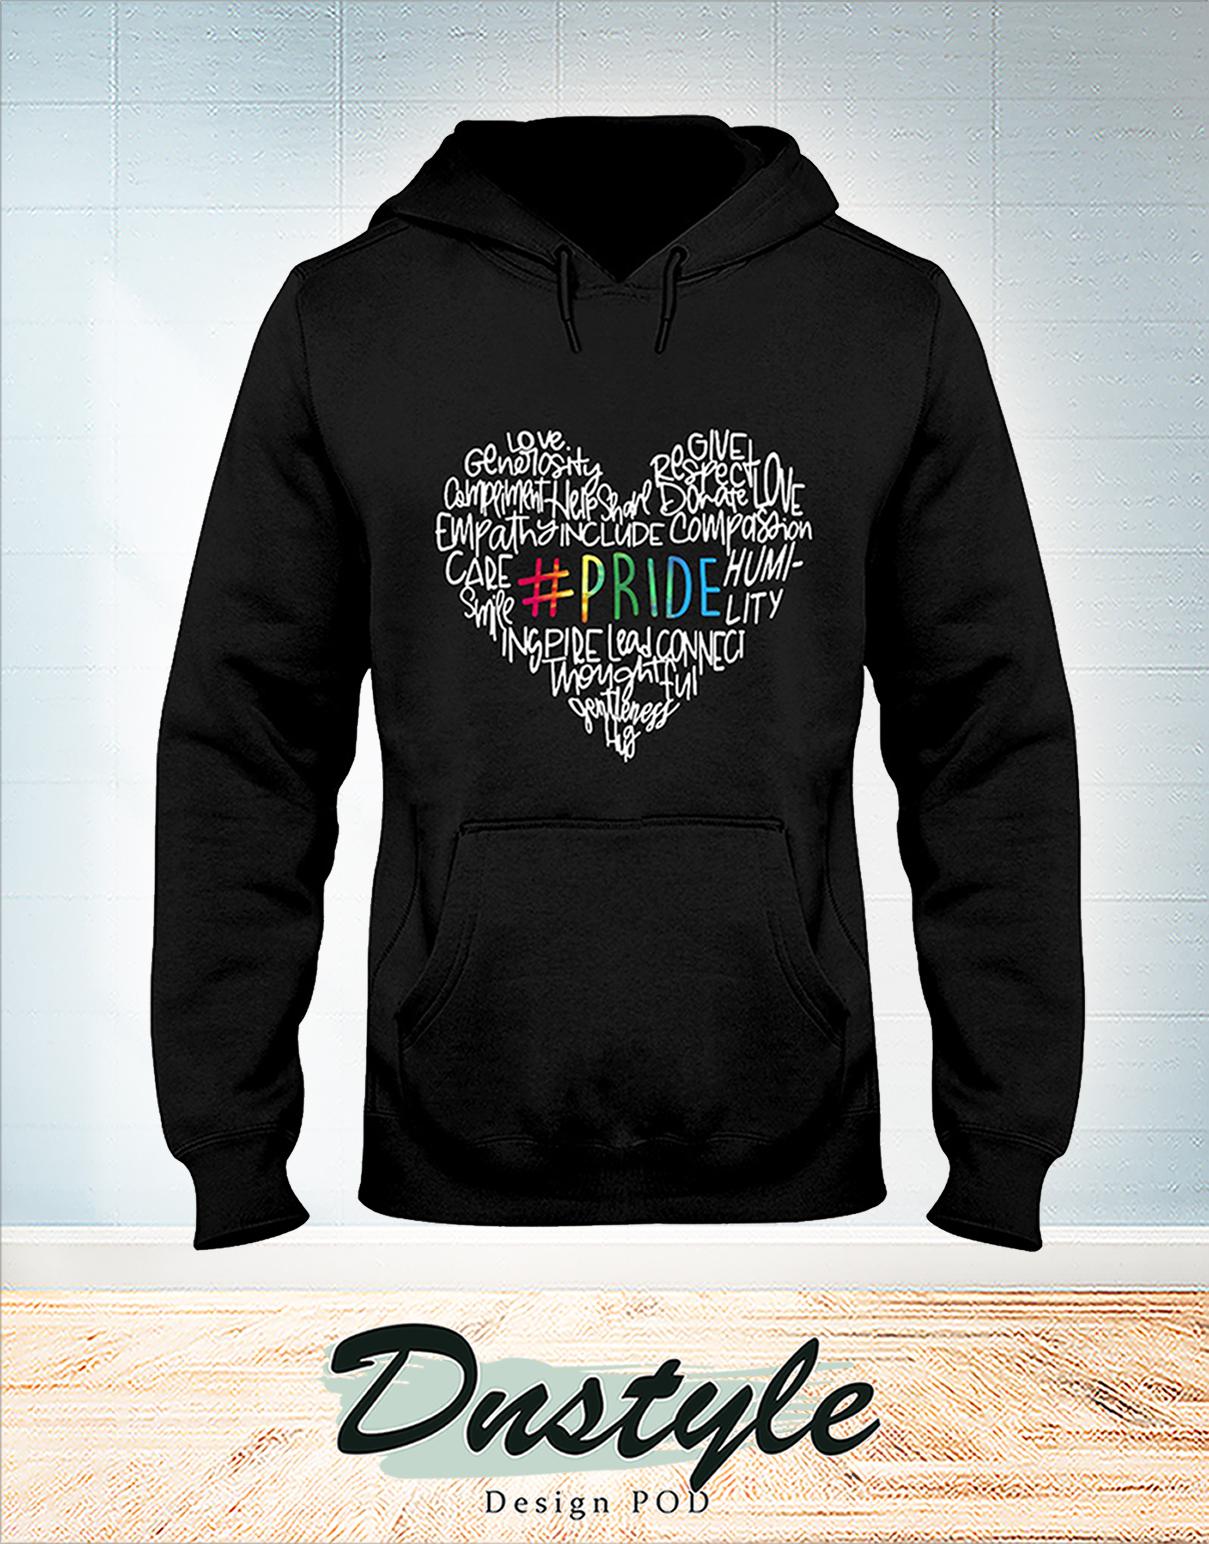 Heart LGBT pride love generosity compliment hoodie